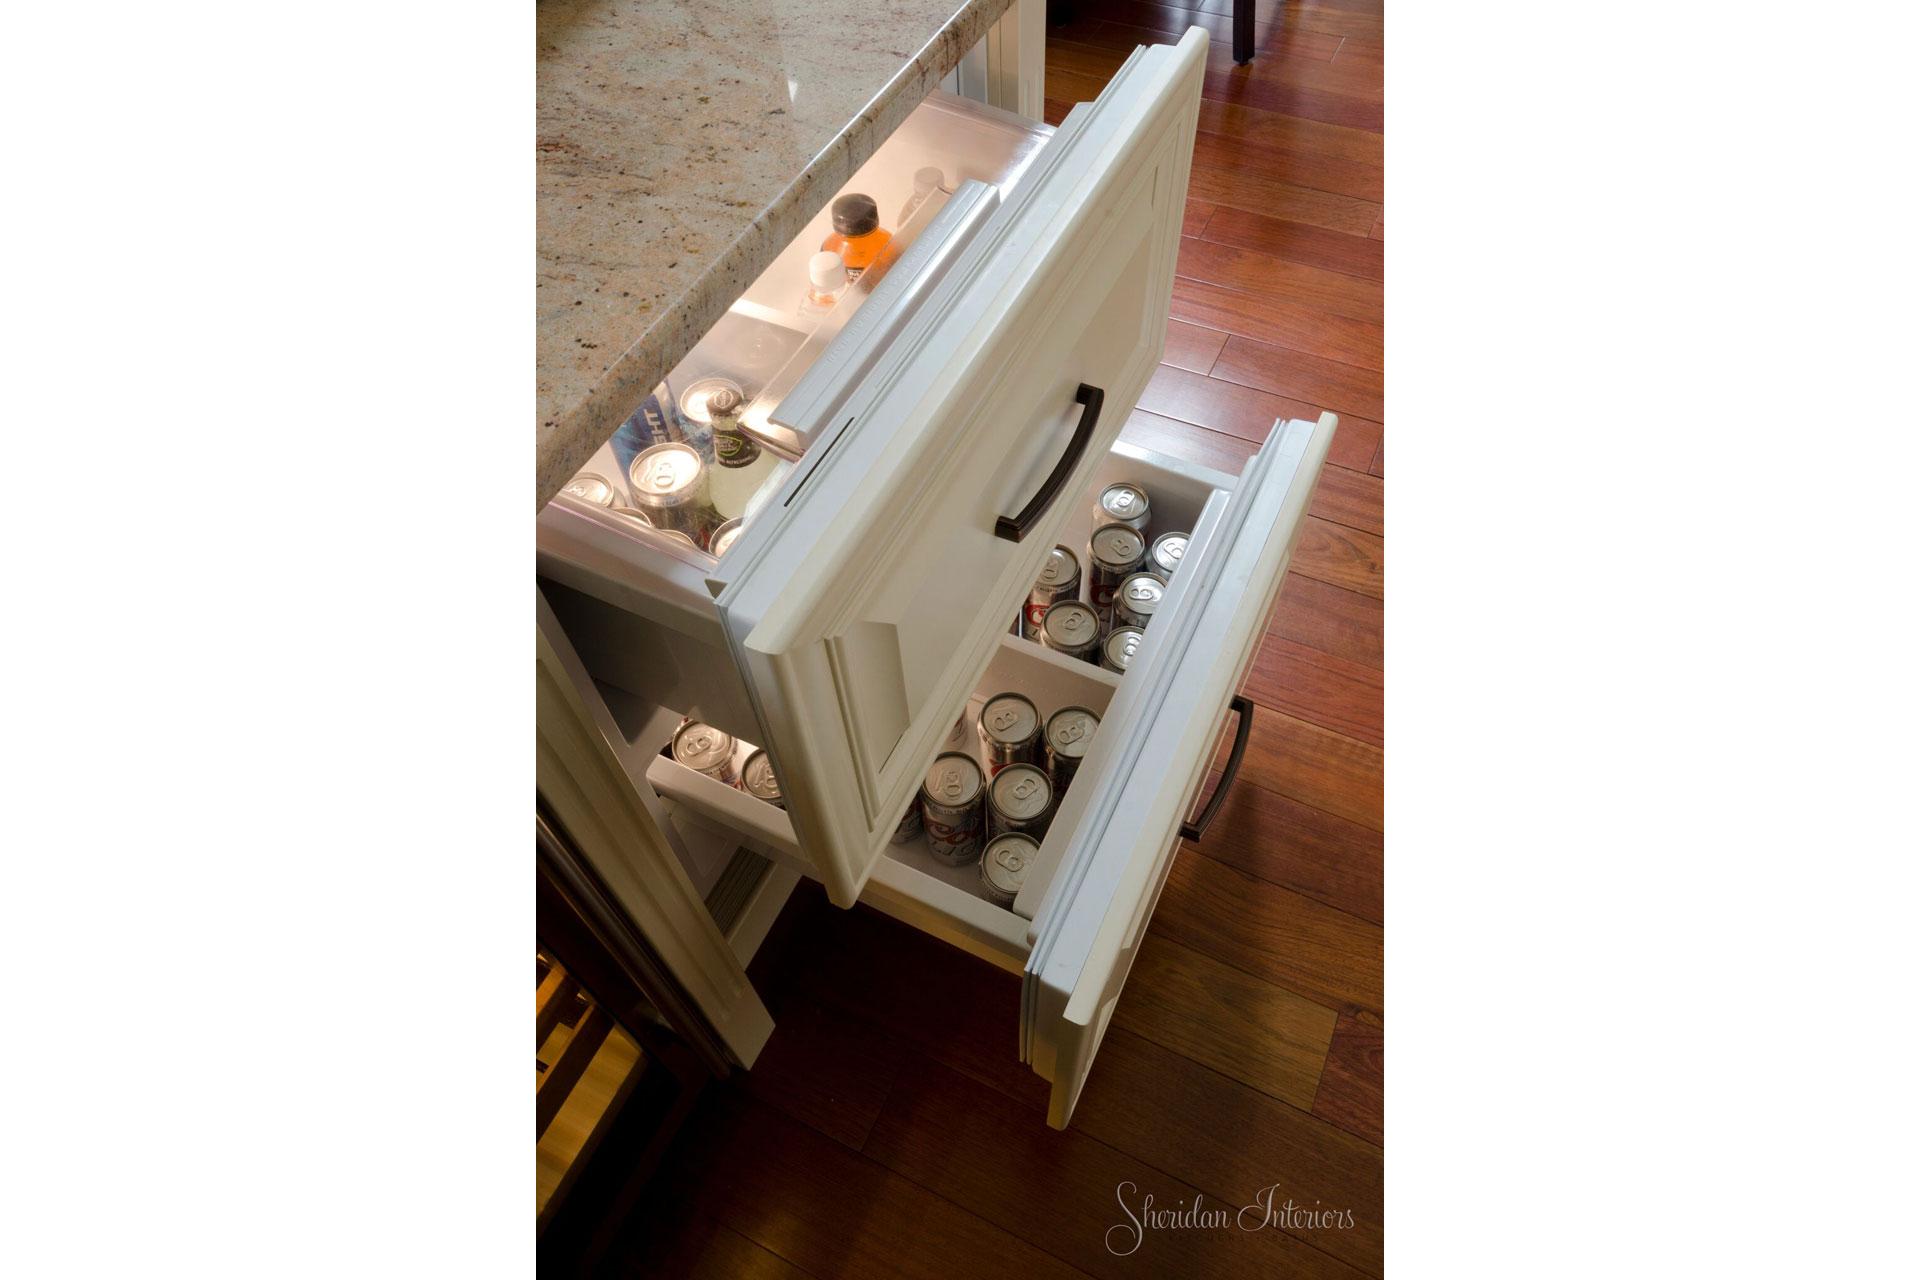 traditional kitchen, Refrigerator Drawers in Kitchen - Sheridan Interiors, sheridan interiors kitchens and baths, kitchen designer cornwall, kitchen designer ottawa